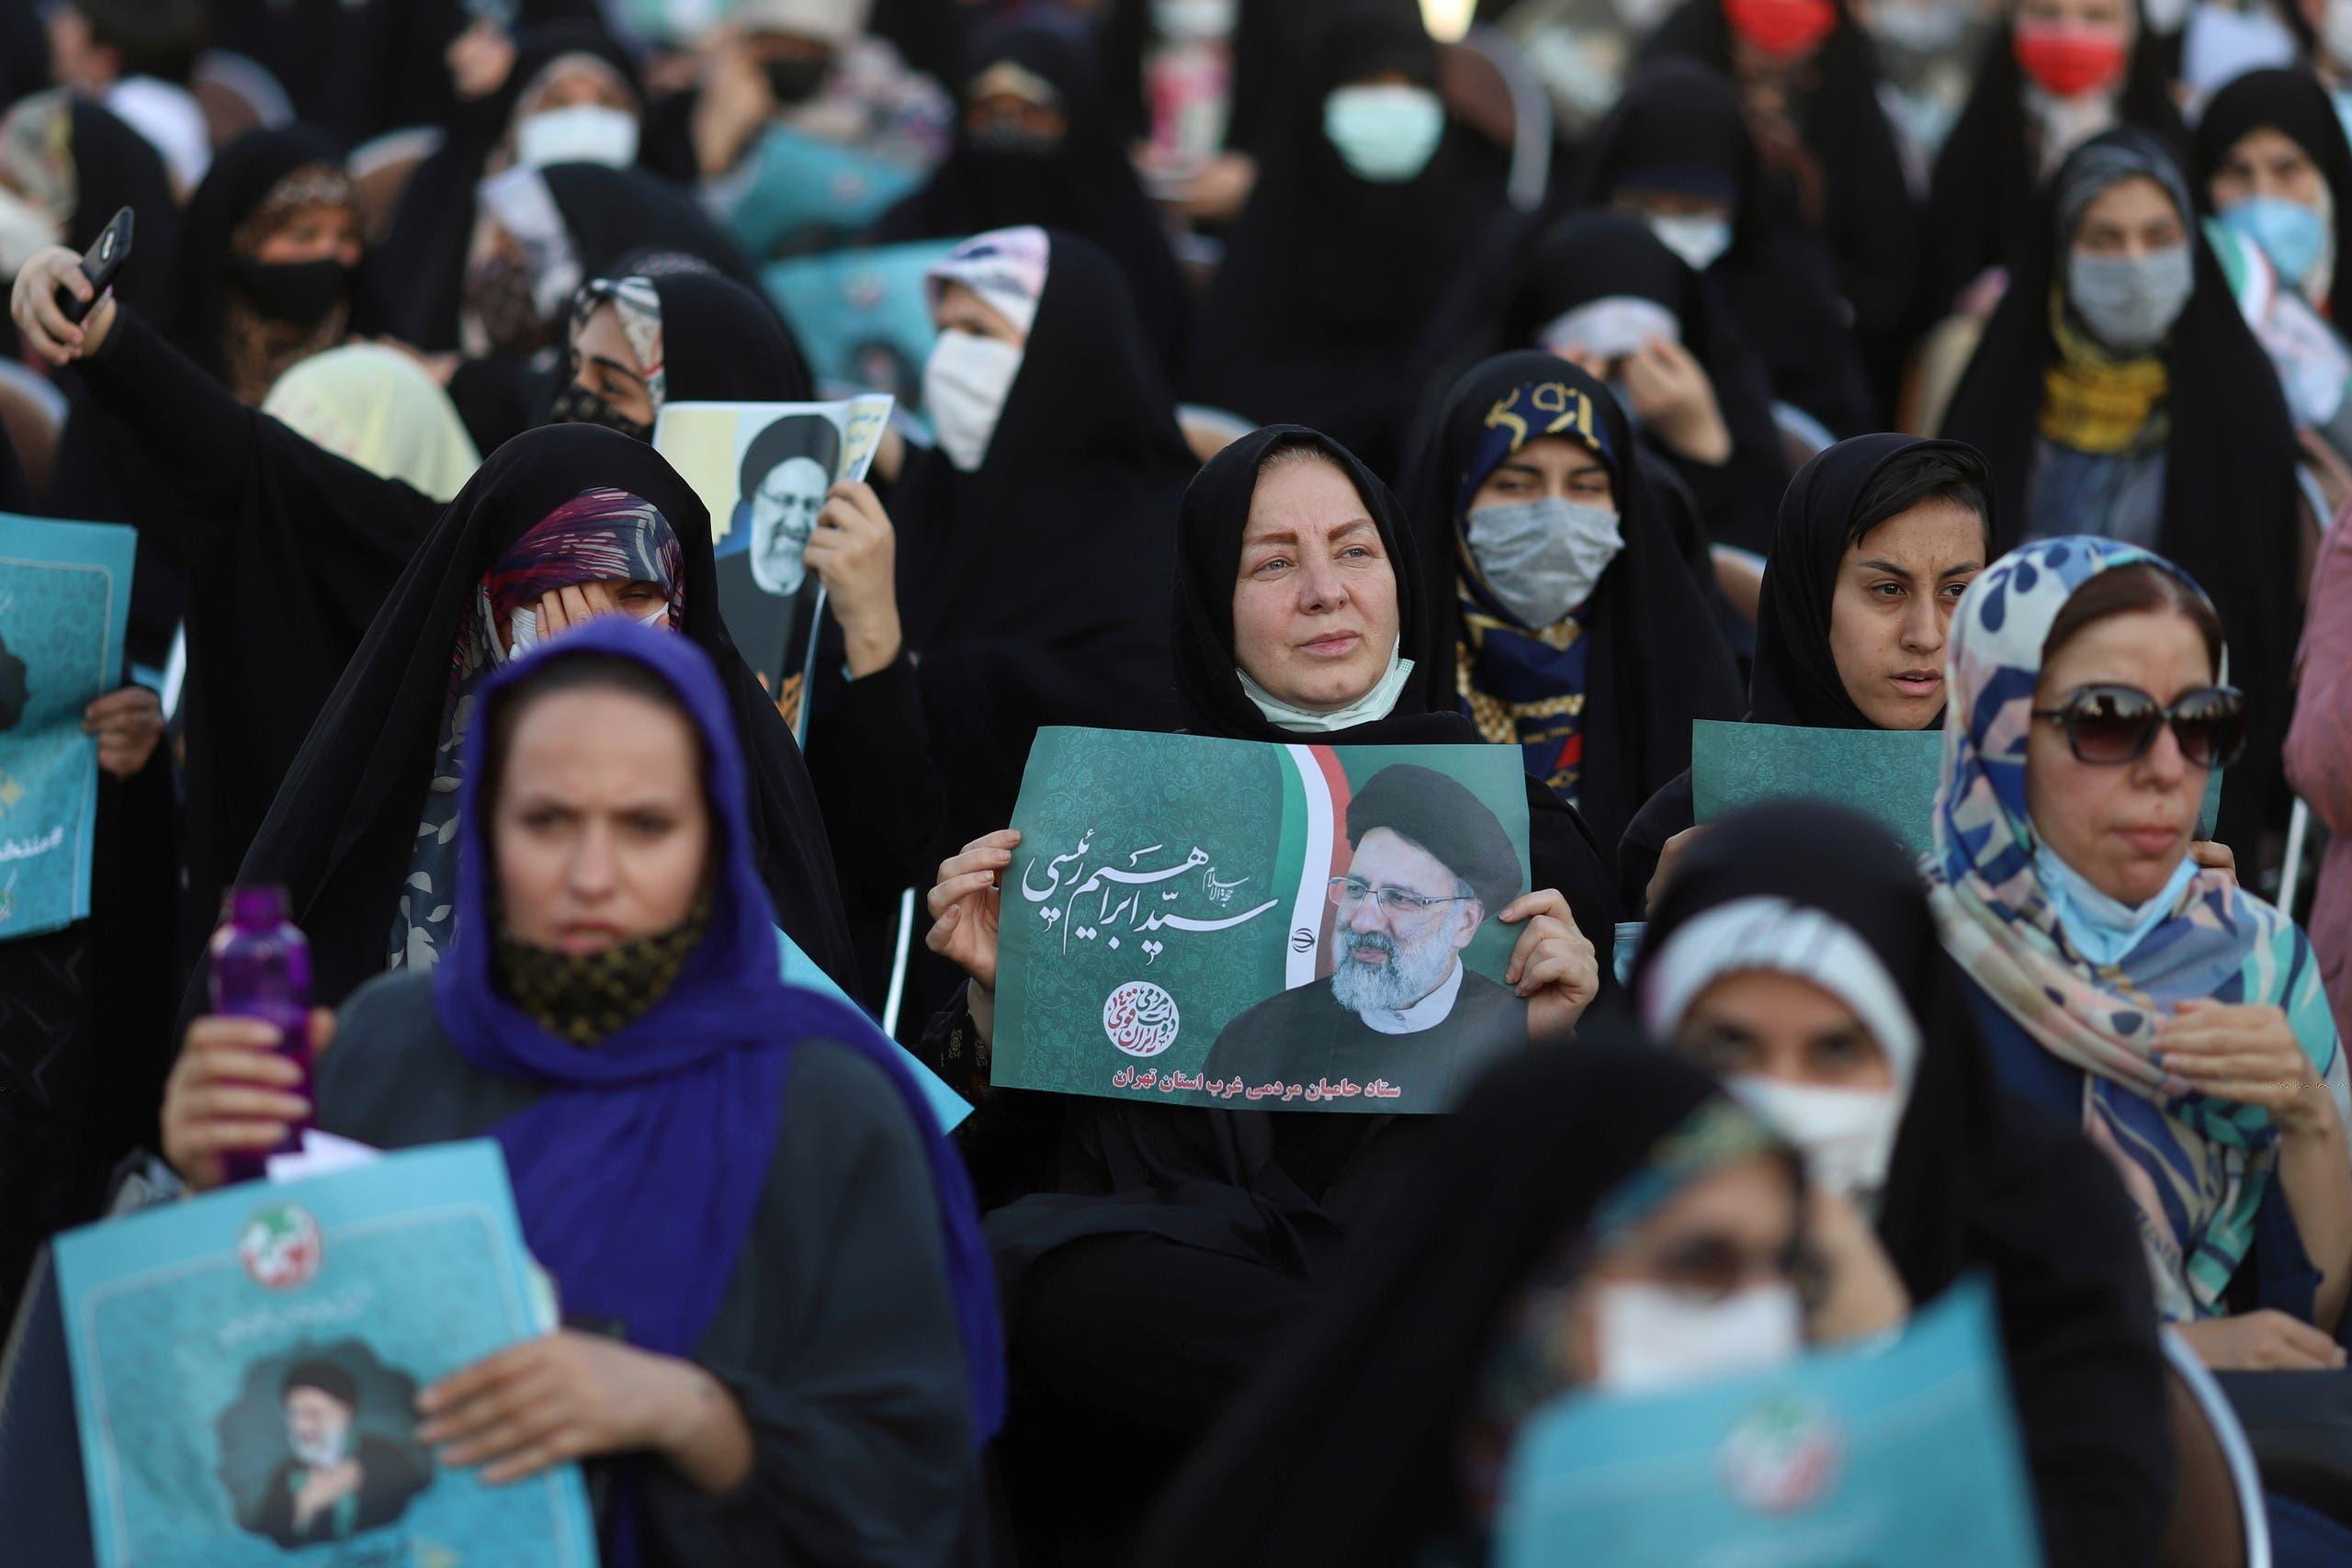 مناصرات لرئيسي خلال تجمّع في طهران الاثنين الماضي